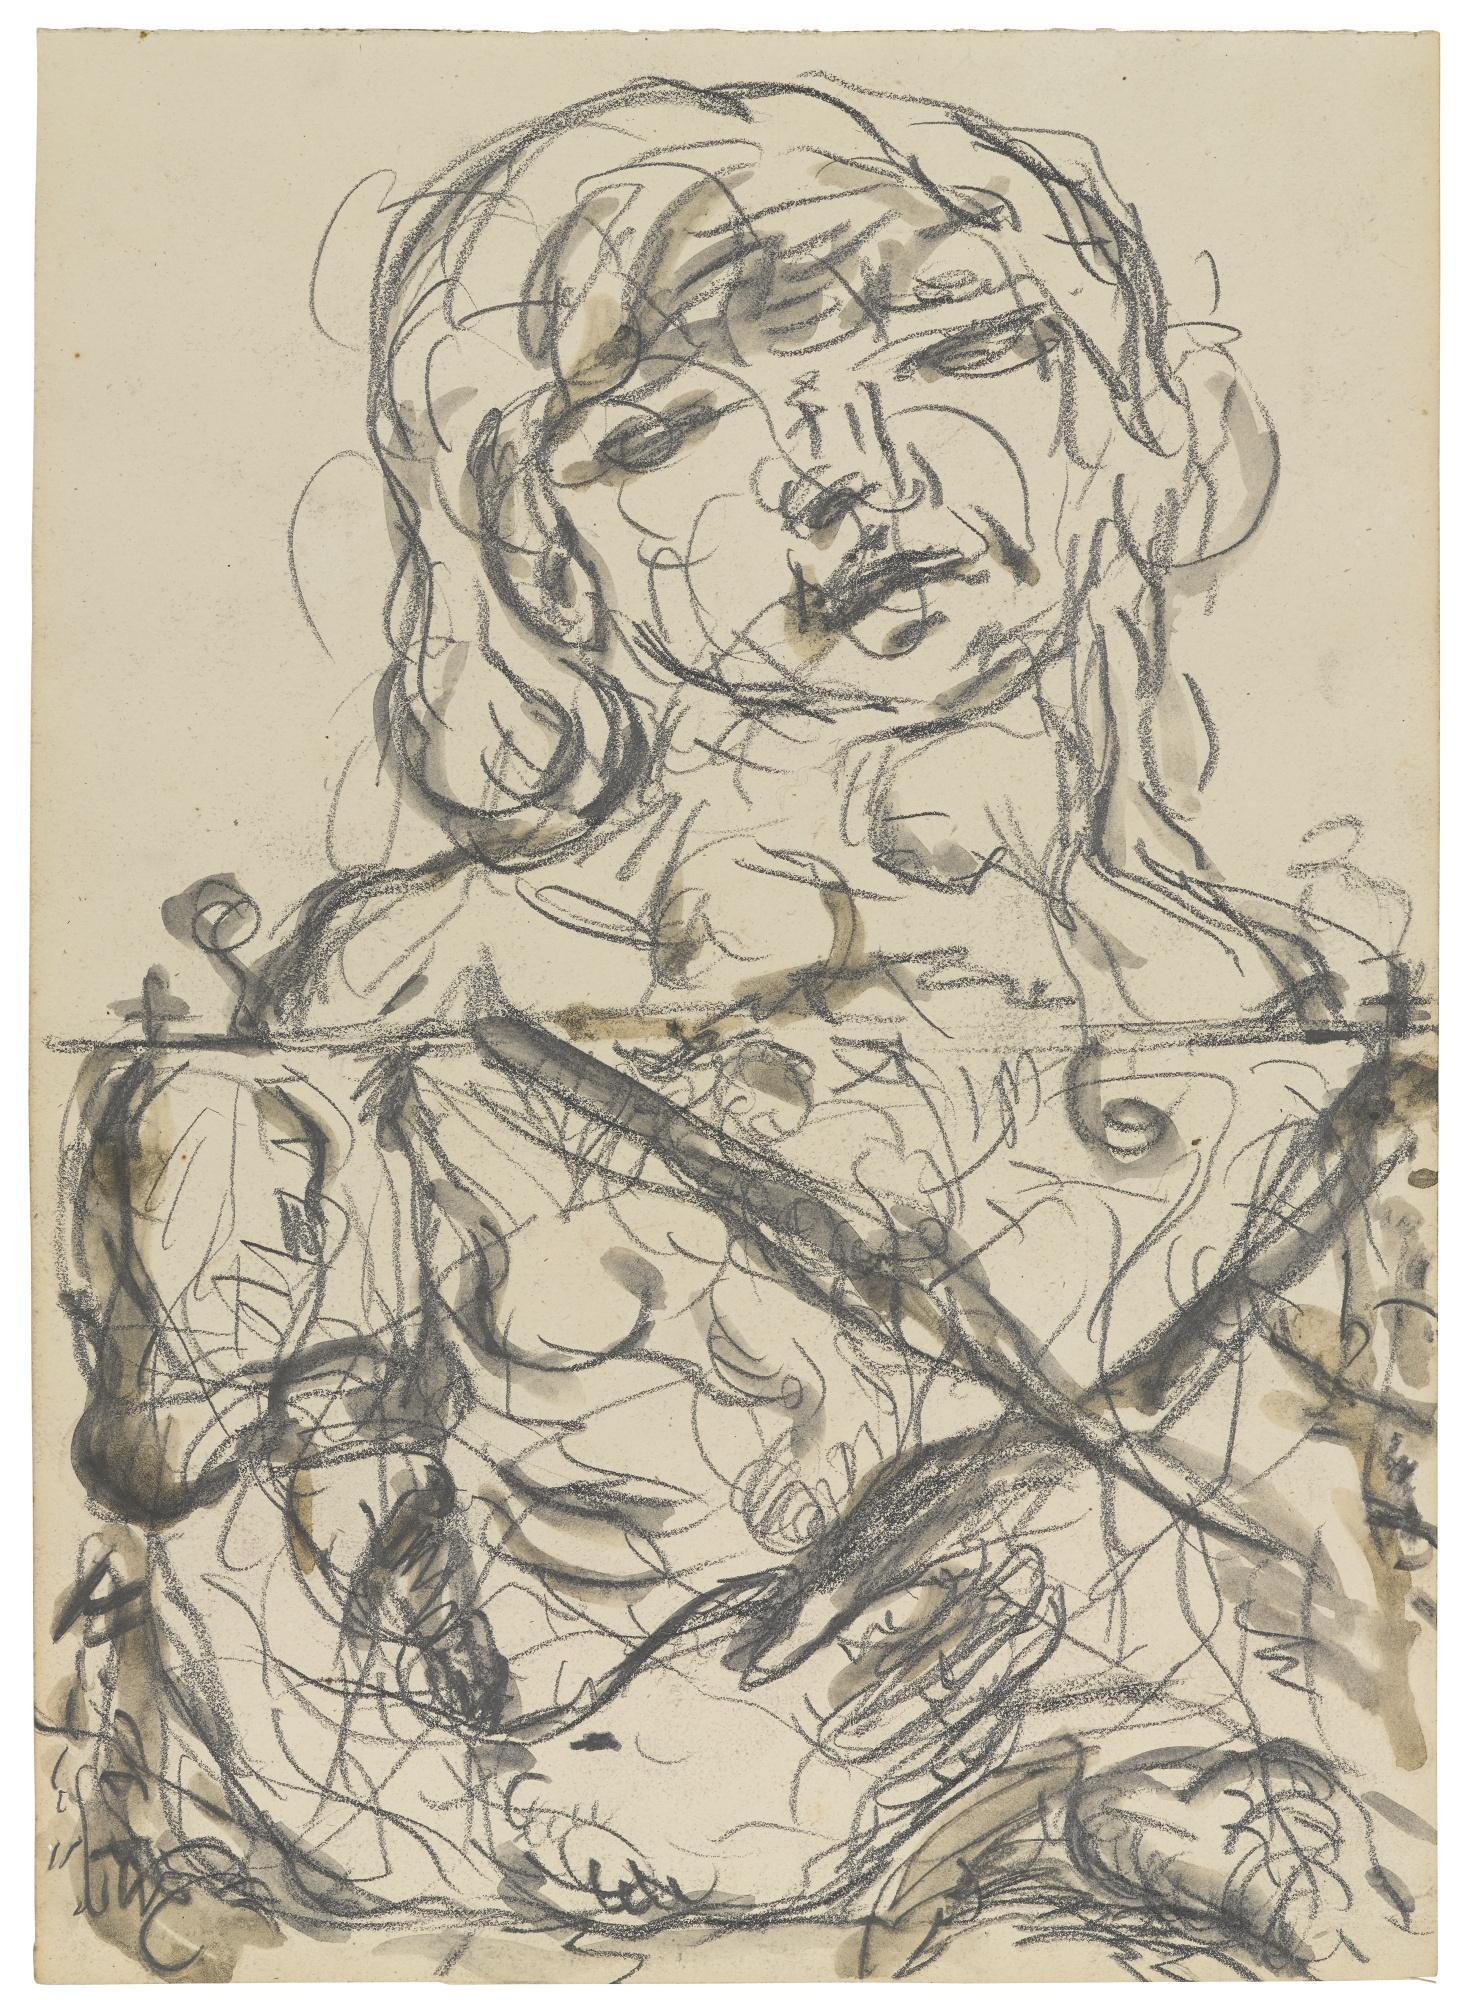 Georg Baselitz-Geteilter Held (Divided Hero)-1966